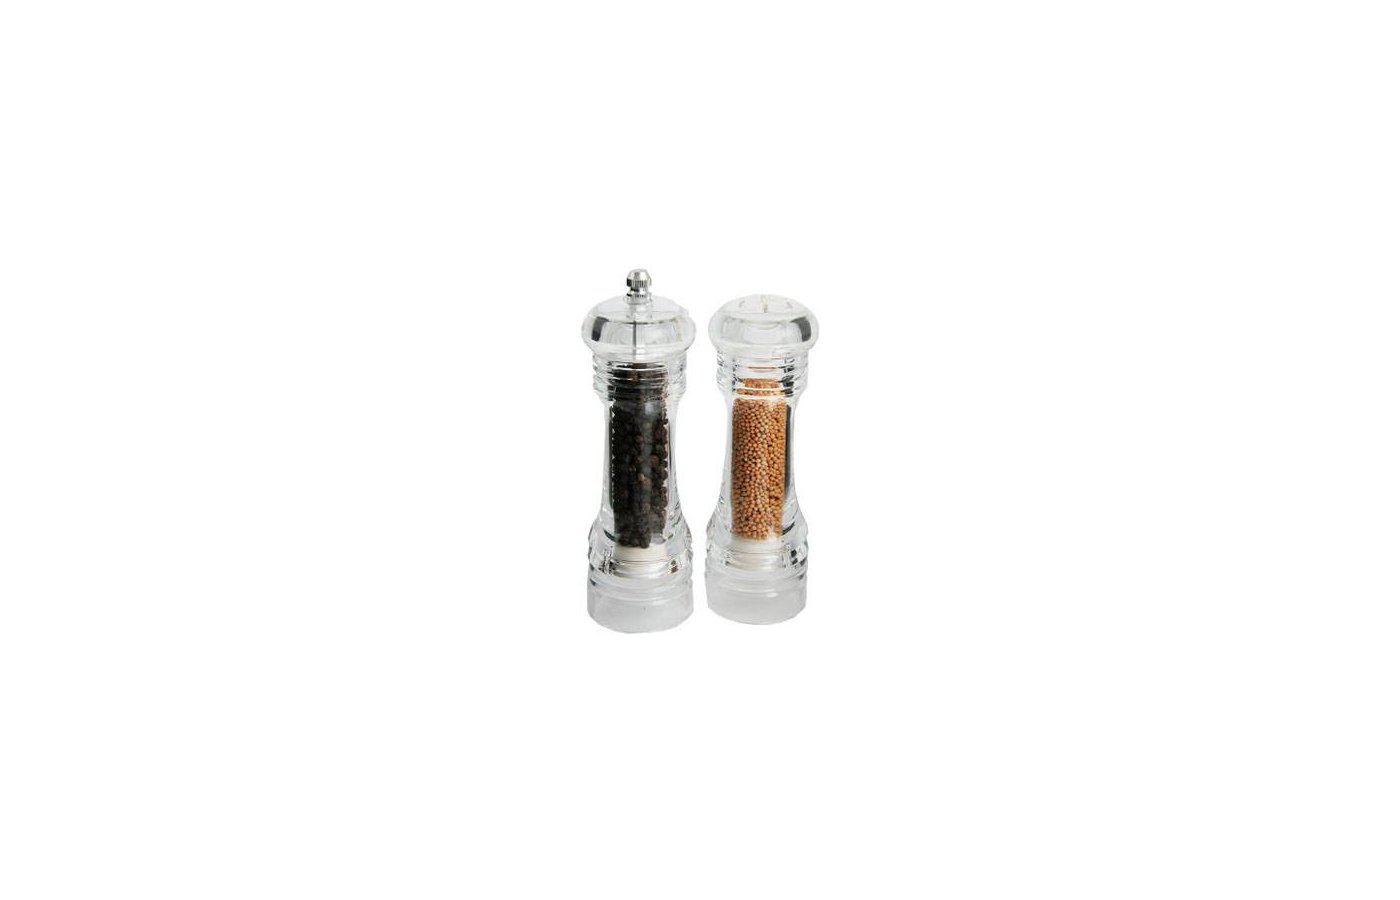 набор для специй VETTA 827-028 Набор для специй 2пр. мельница 16см + солонка 15см акрил